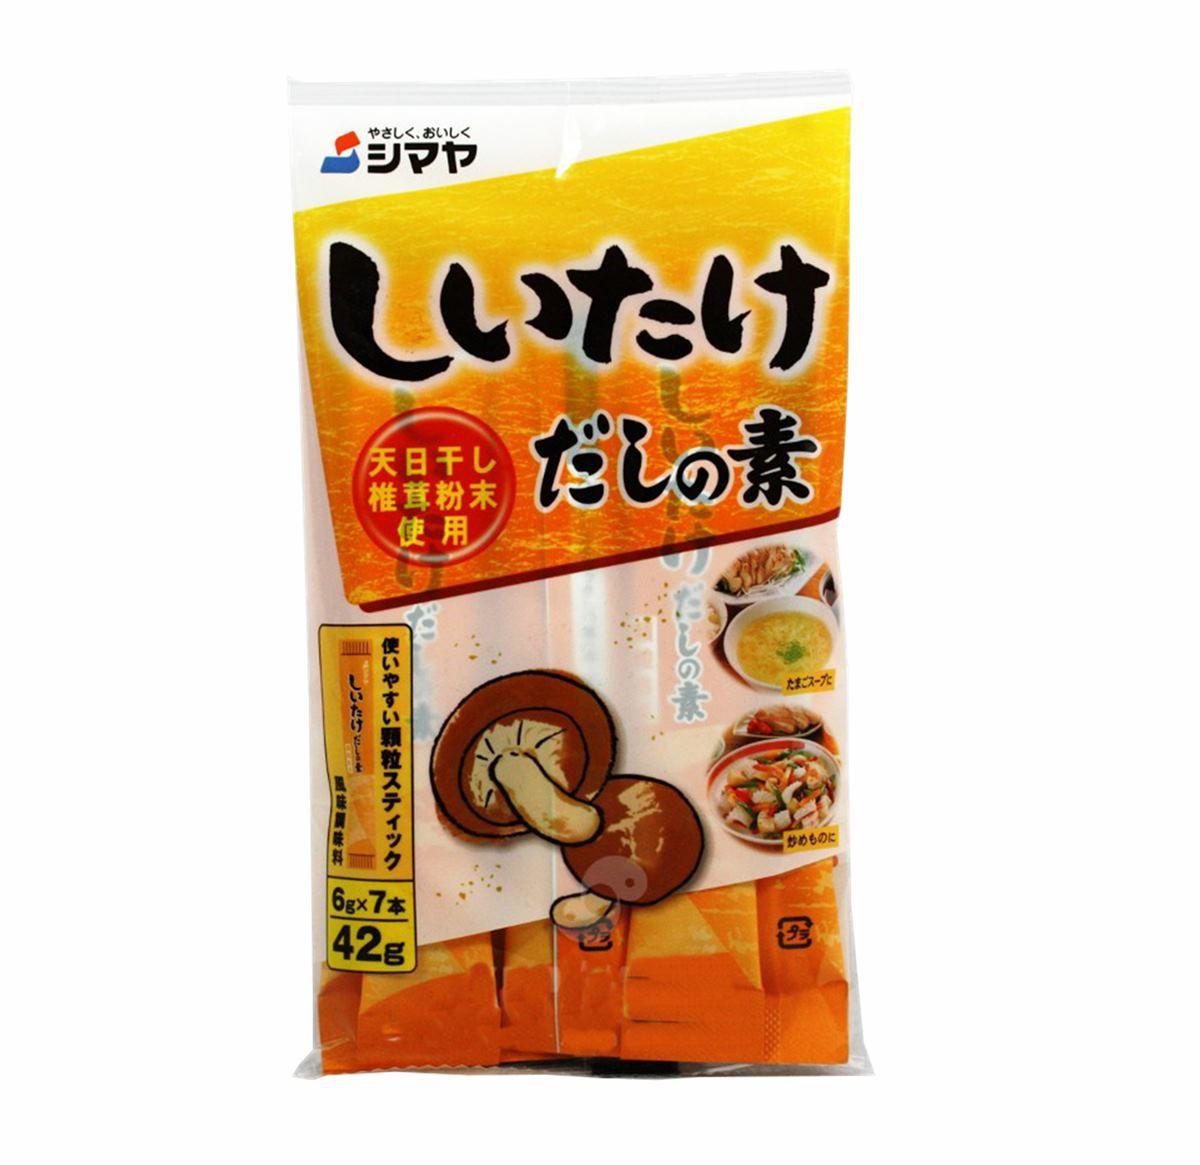 Tempero à Base de Cogumelo Shiitake Dashi Shiyama 42g (7sachês de 6g)